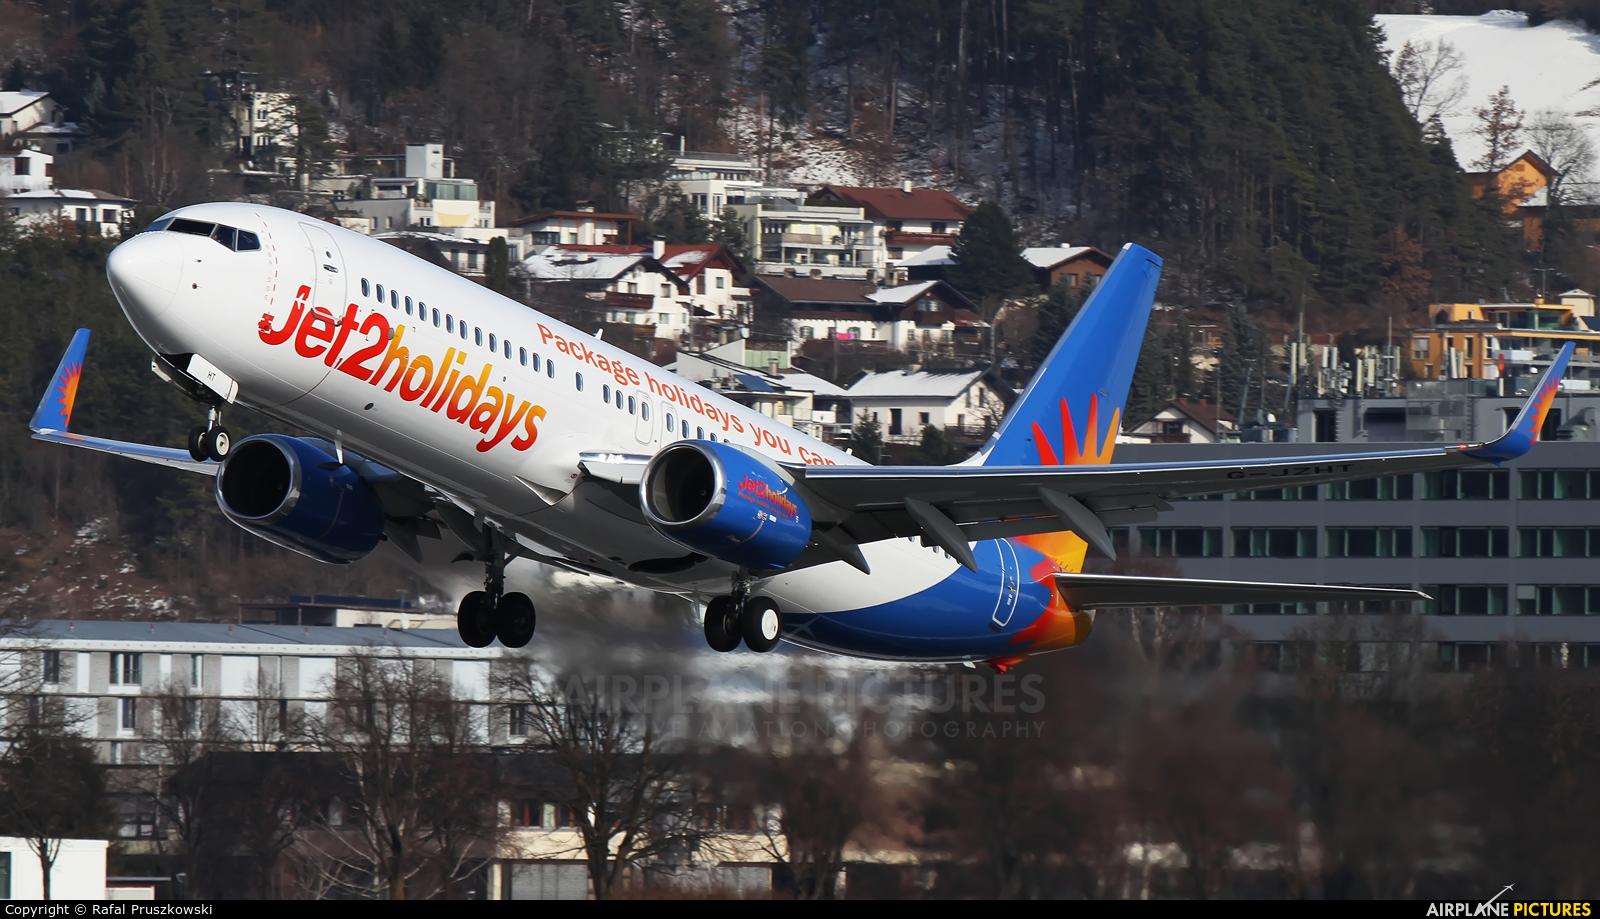 Jet2 G-JZHT aircraft at Innsbruck